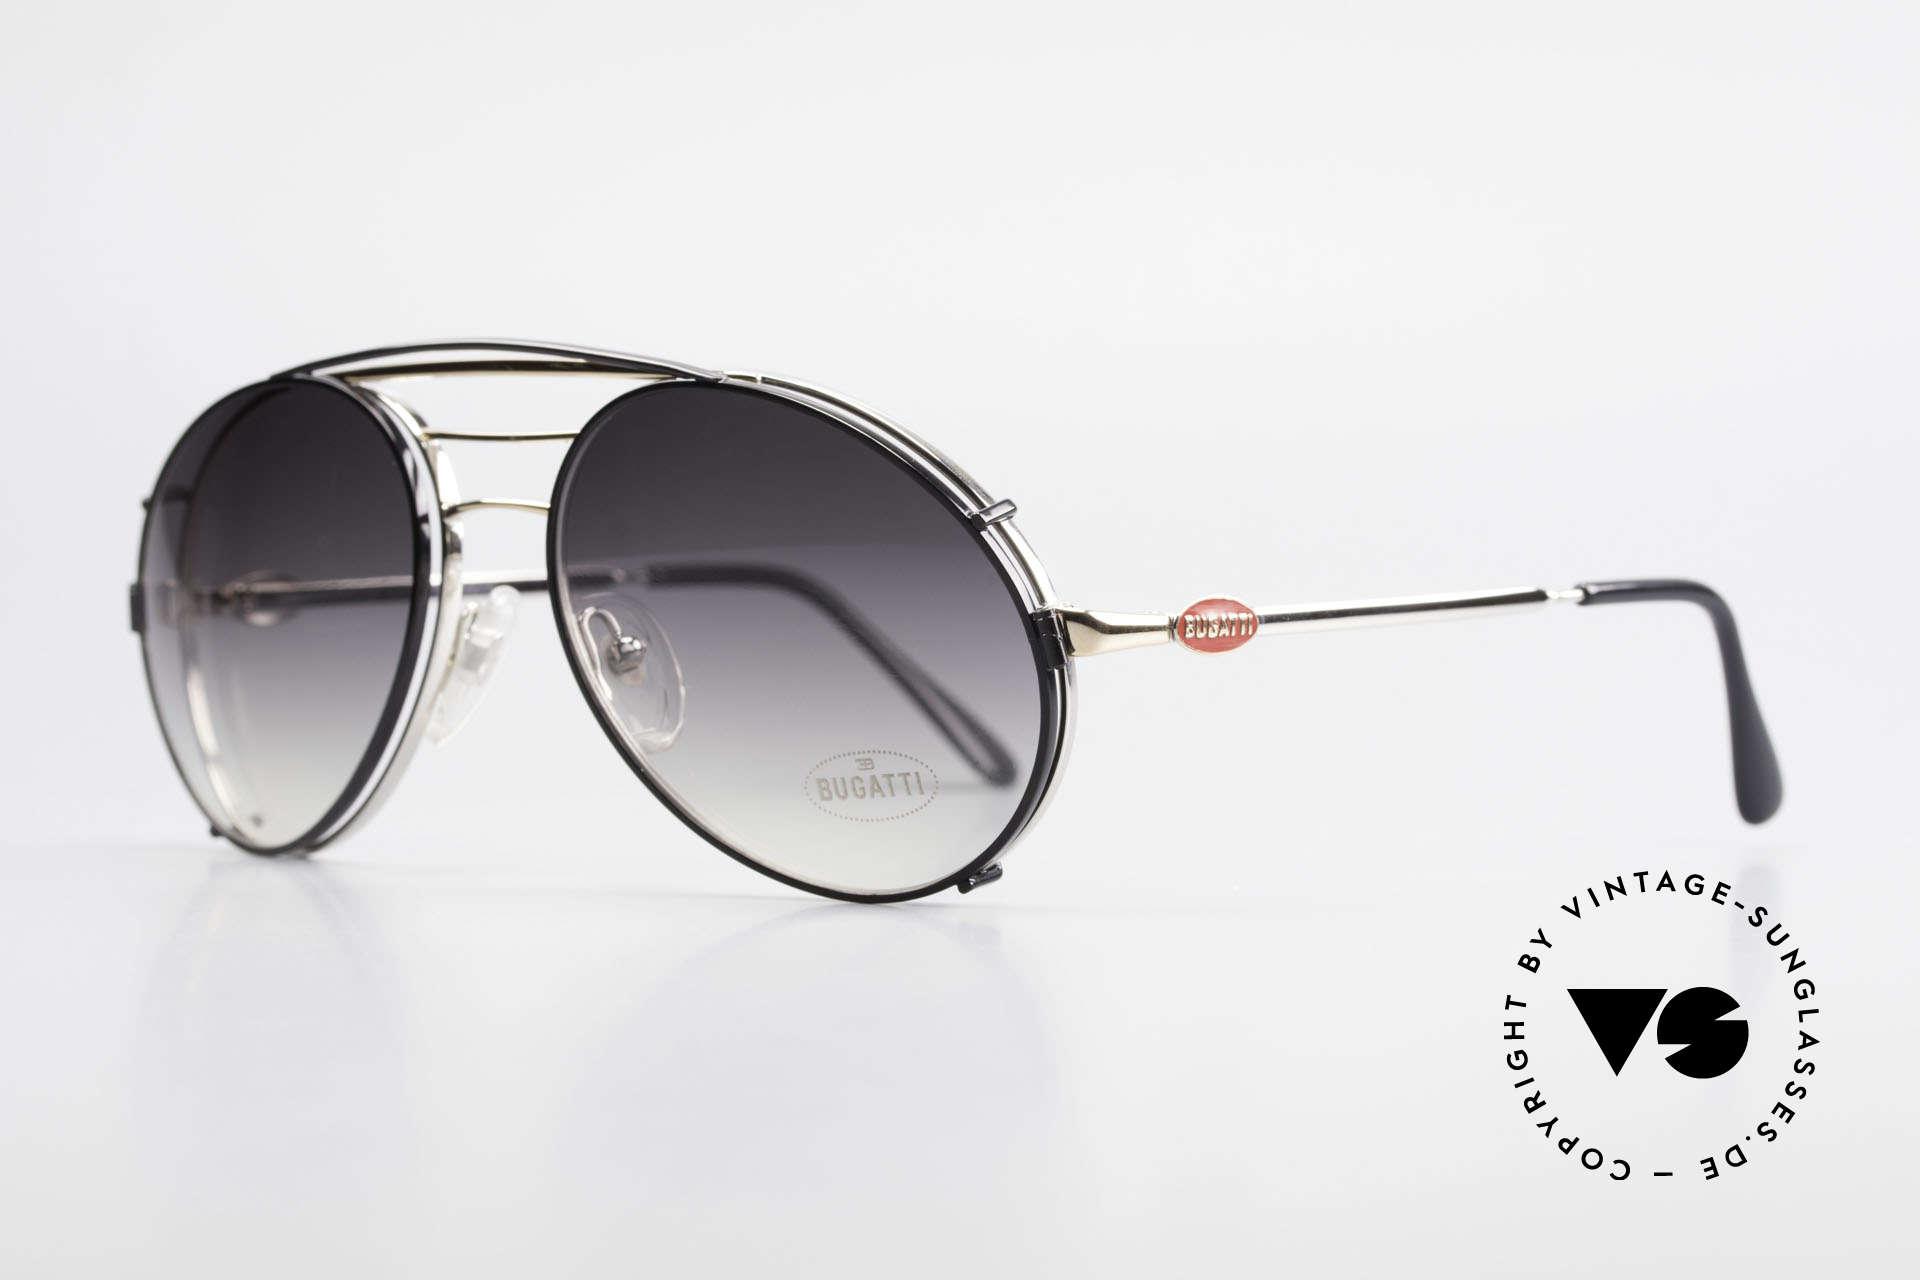 Bugatti 65536 Vintage Brille mit Sonnen Clip, VINTAGE Gestell mit praktischem Sonnen-Clip, Passend für Herren